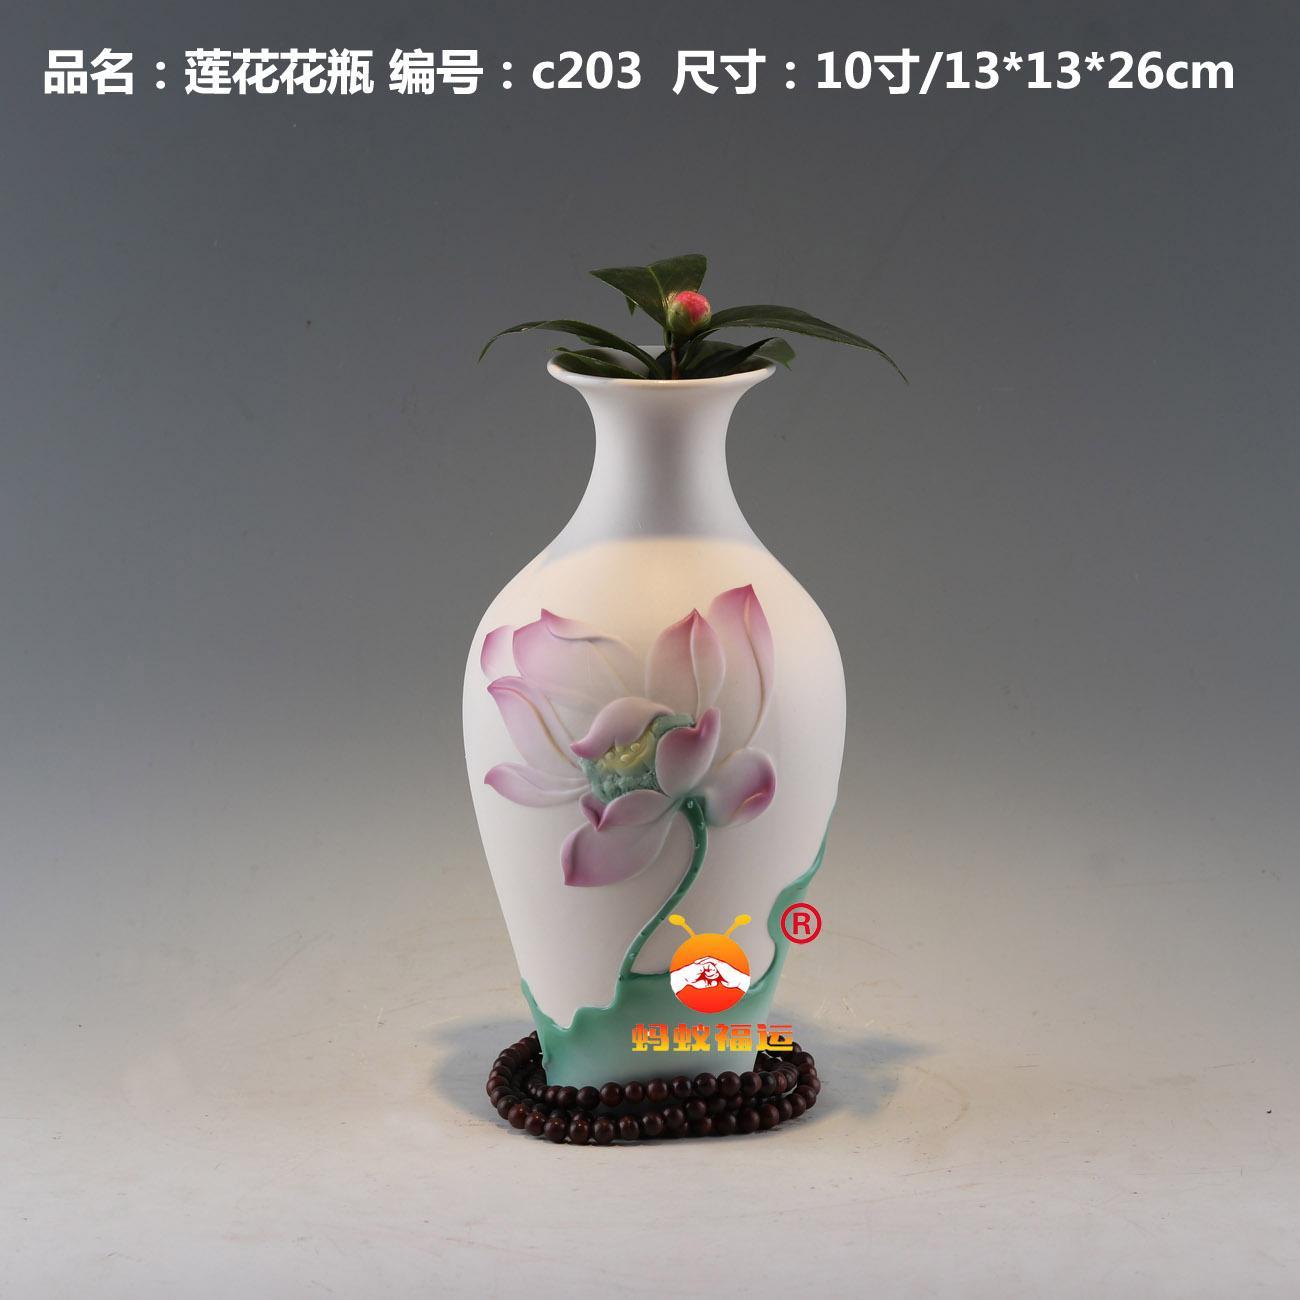 供應陶瓷蓮花花瓶中式家居裝飾品 1